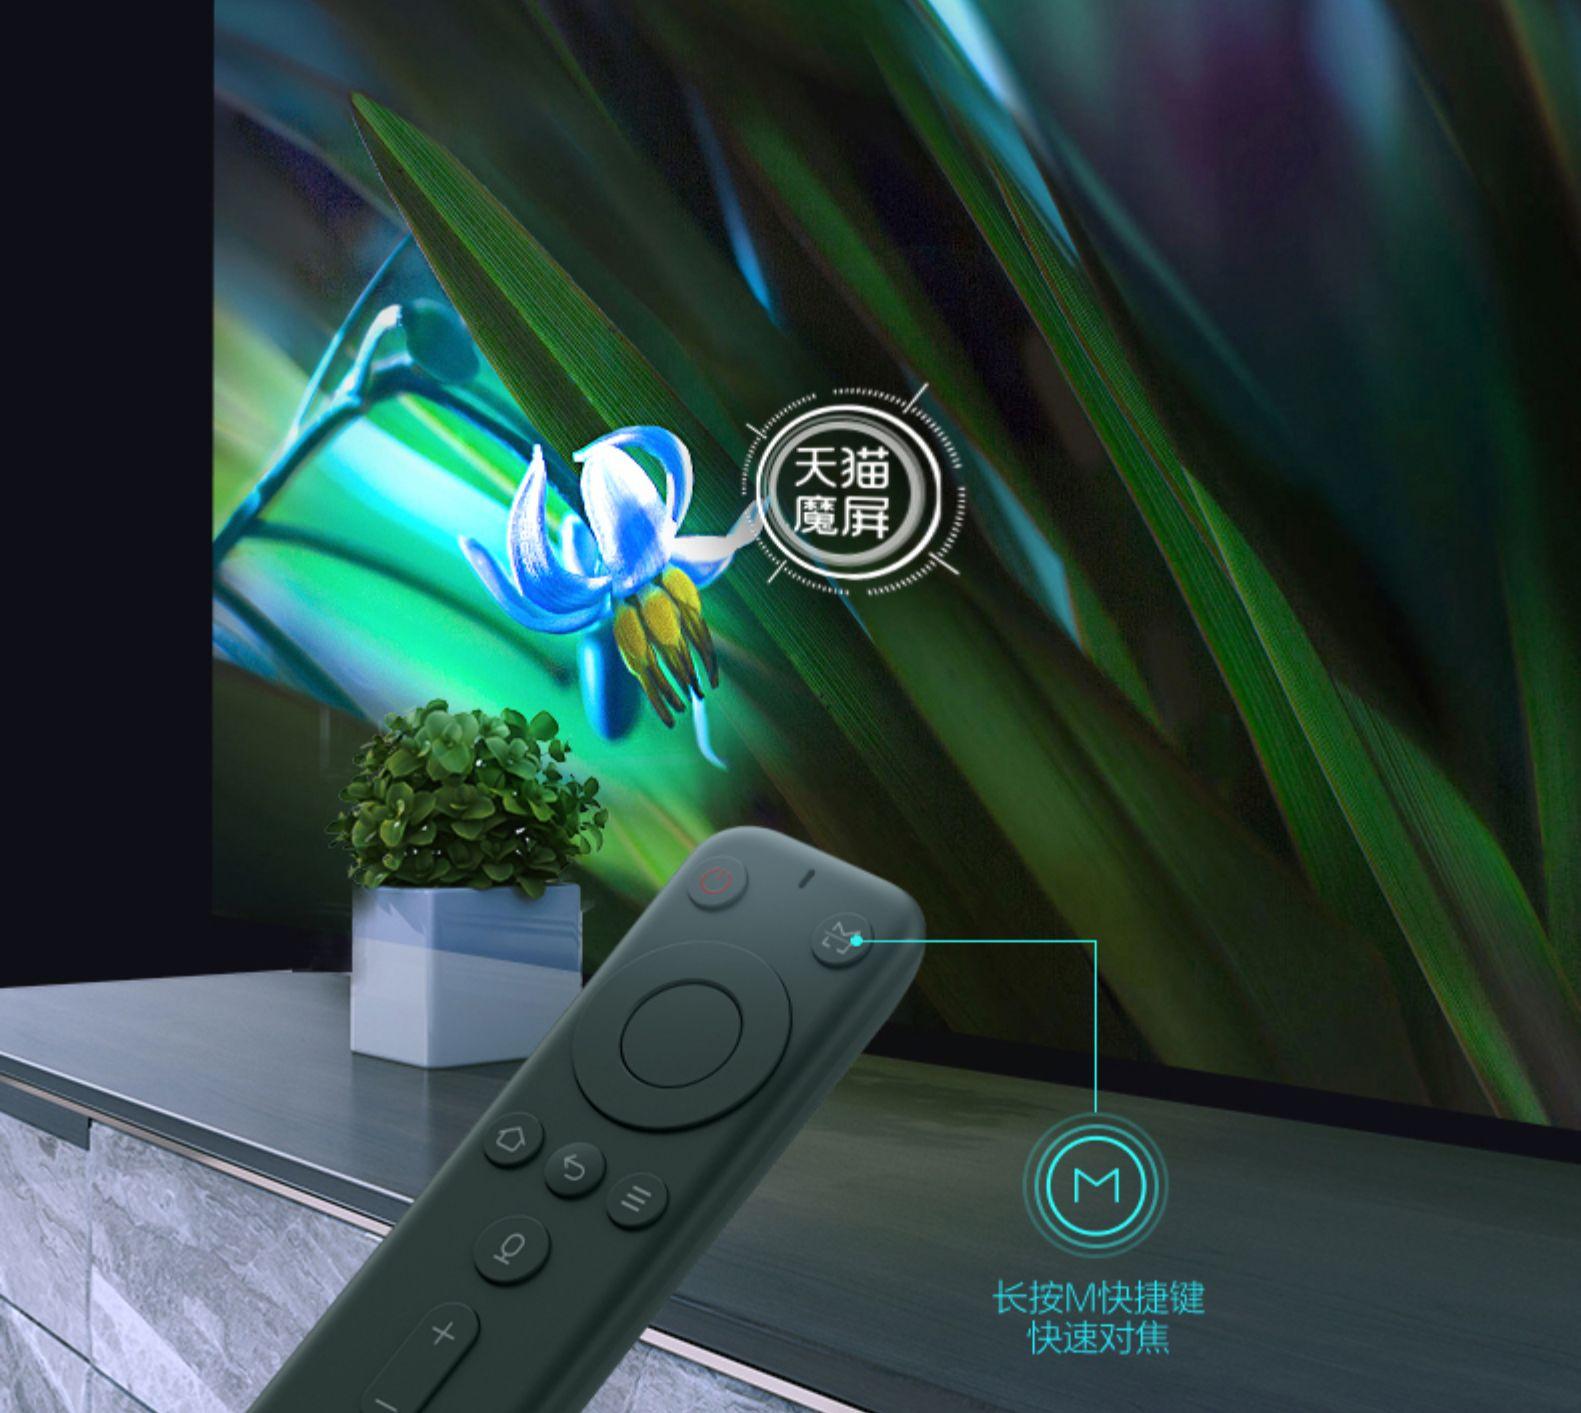 Cinema gia đình B ộ phát hành ngu ngốc 1080p không có màn hình TV tương thích với mex? B